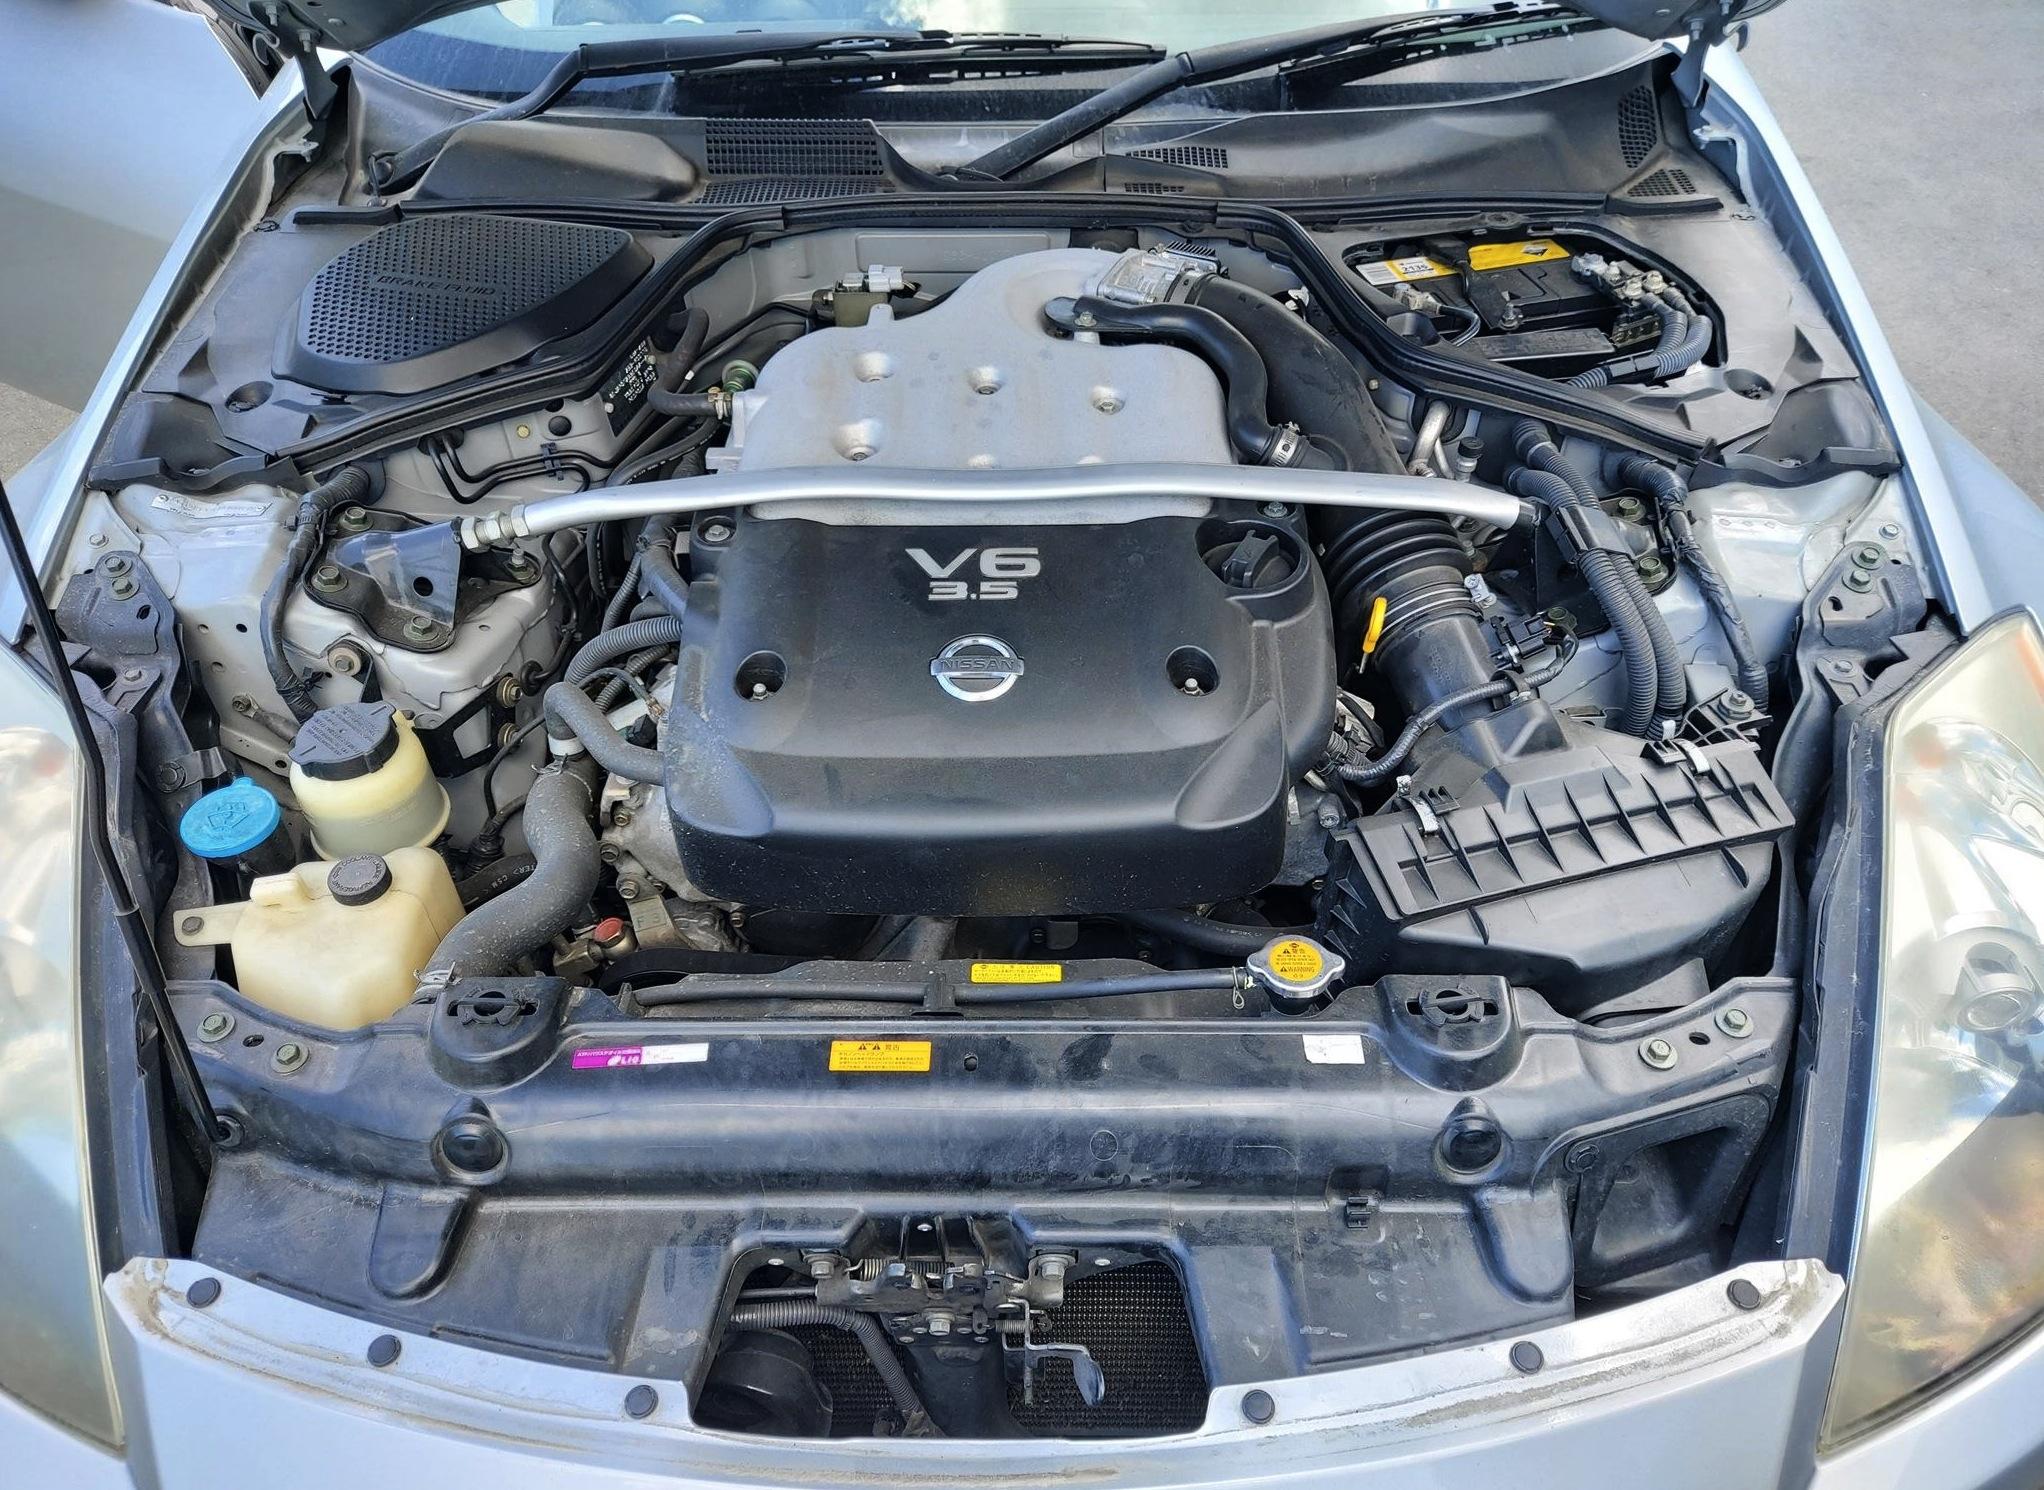 04 VQ35DE RWD Z33 350Z FAIRLADY MOTOR